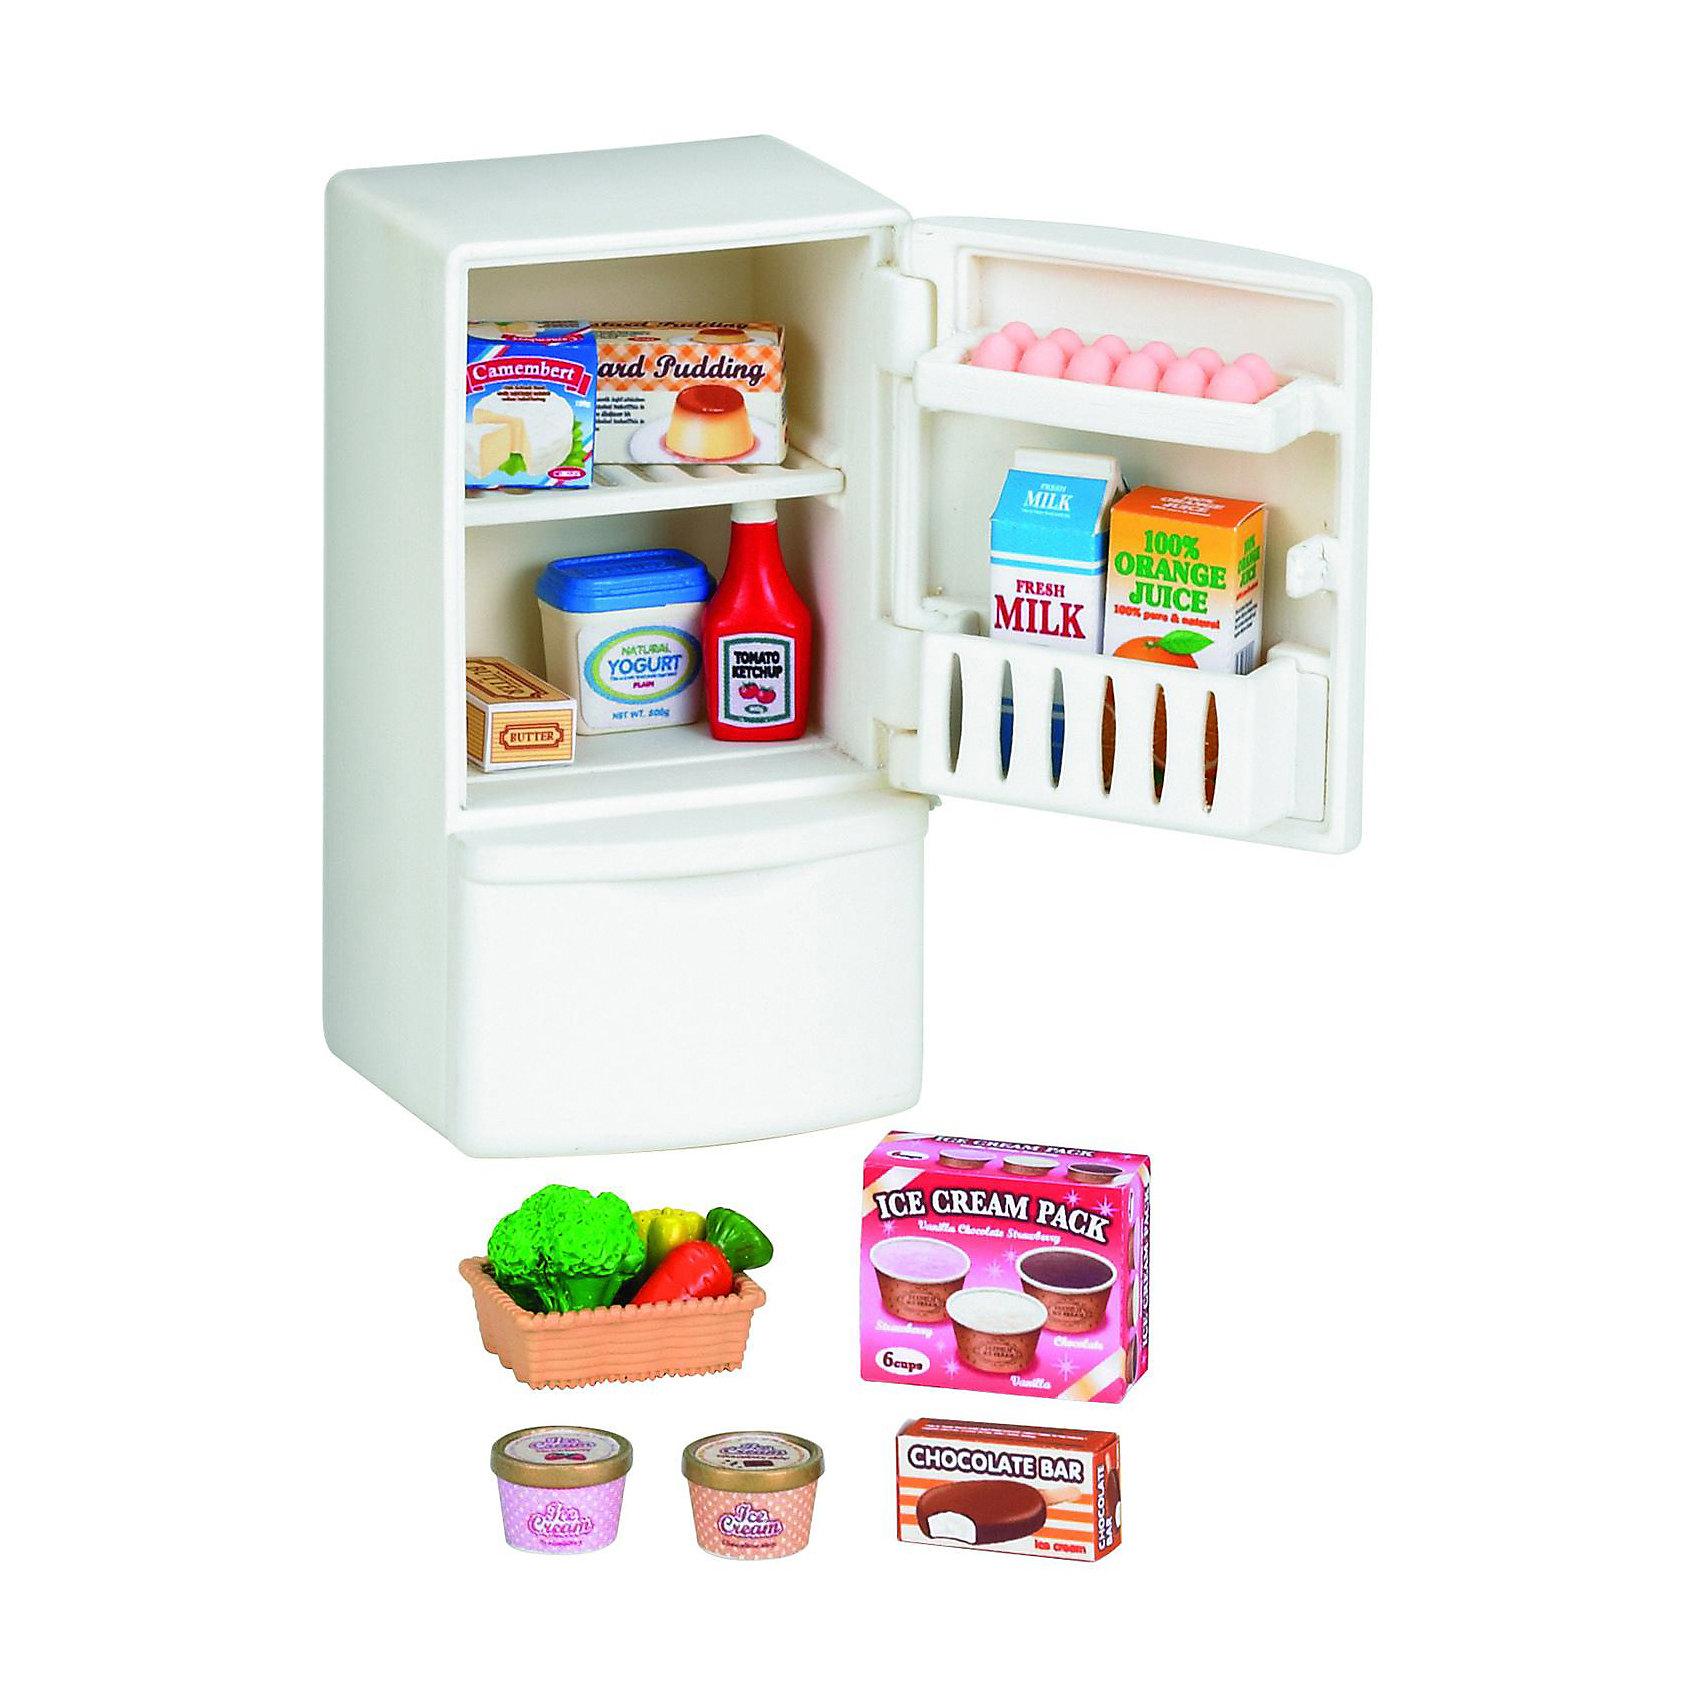 - Набор Холодильник с продуктами Sylvanian Families холодильник с продуктами новый